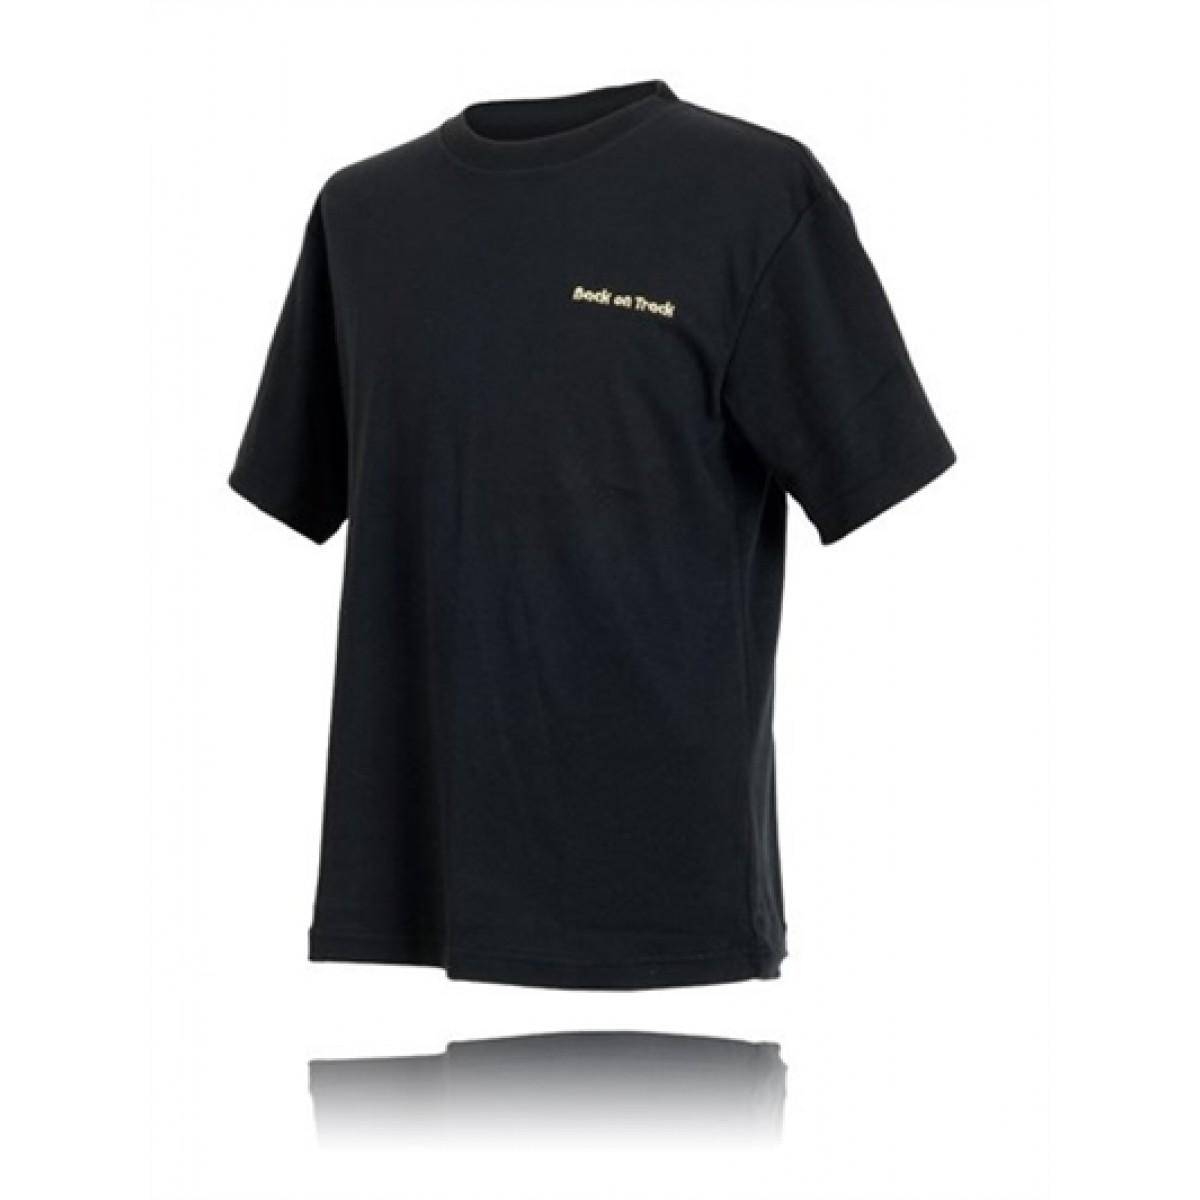 Back on Track T-Shirt sort